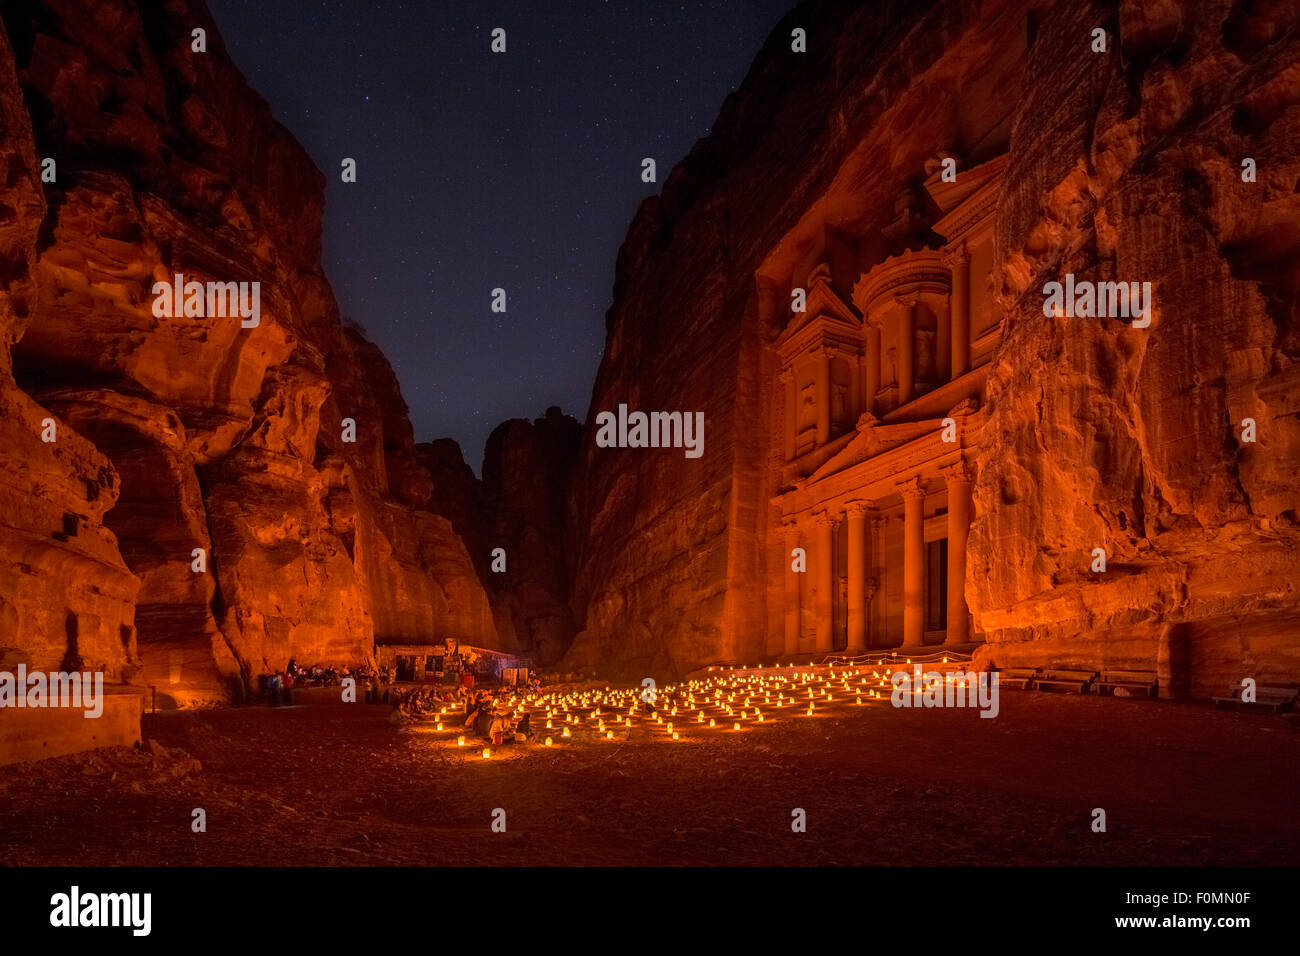 Al-Khaznah o hacienda por la noche visita a la luz de las velas, Petra, Jordania. Imagen De Stock